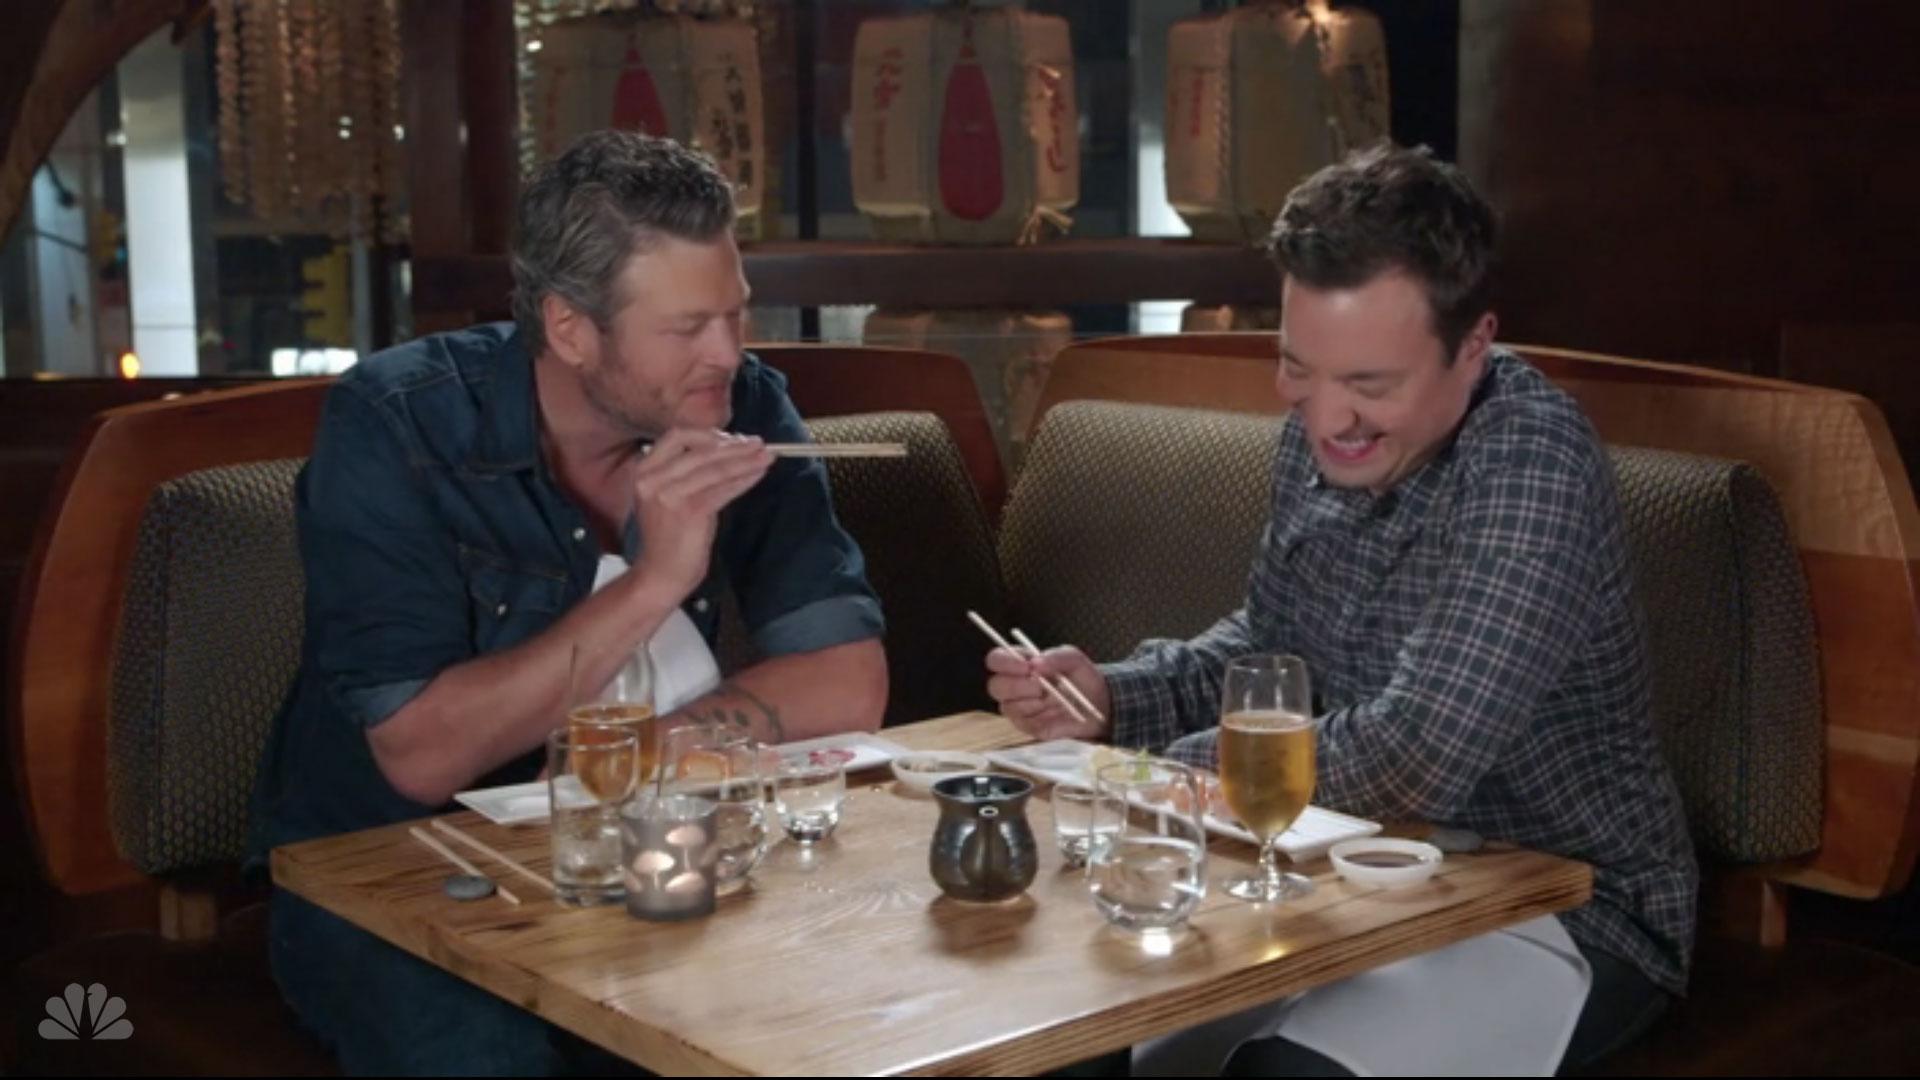 Blake Shelton has first taste of sushi and sake (Video)